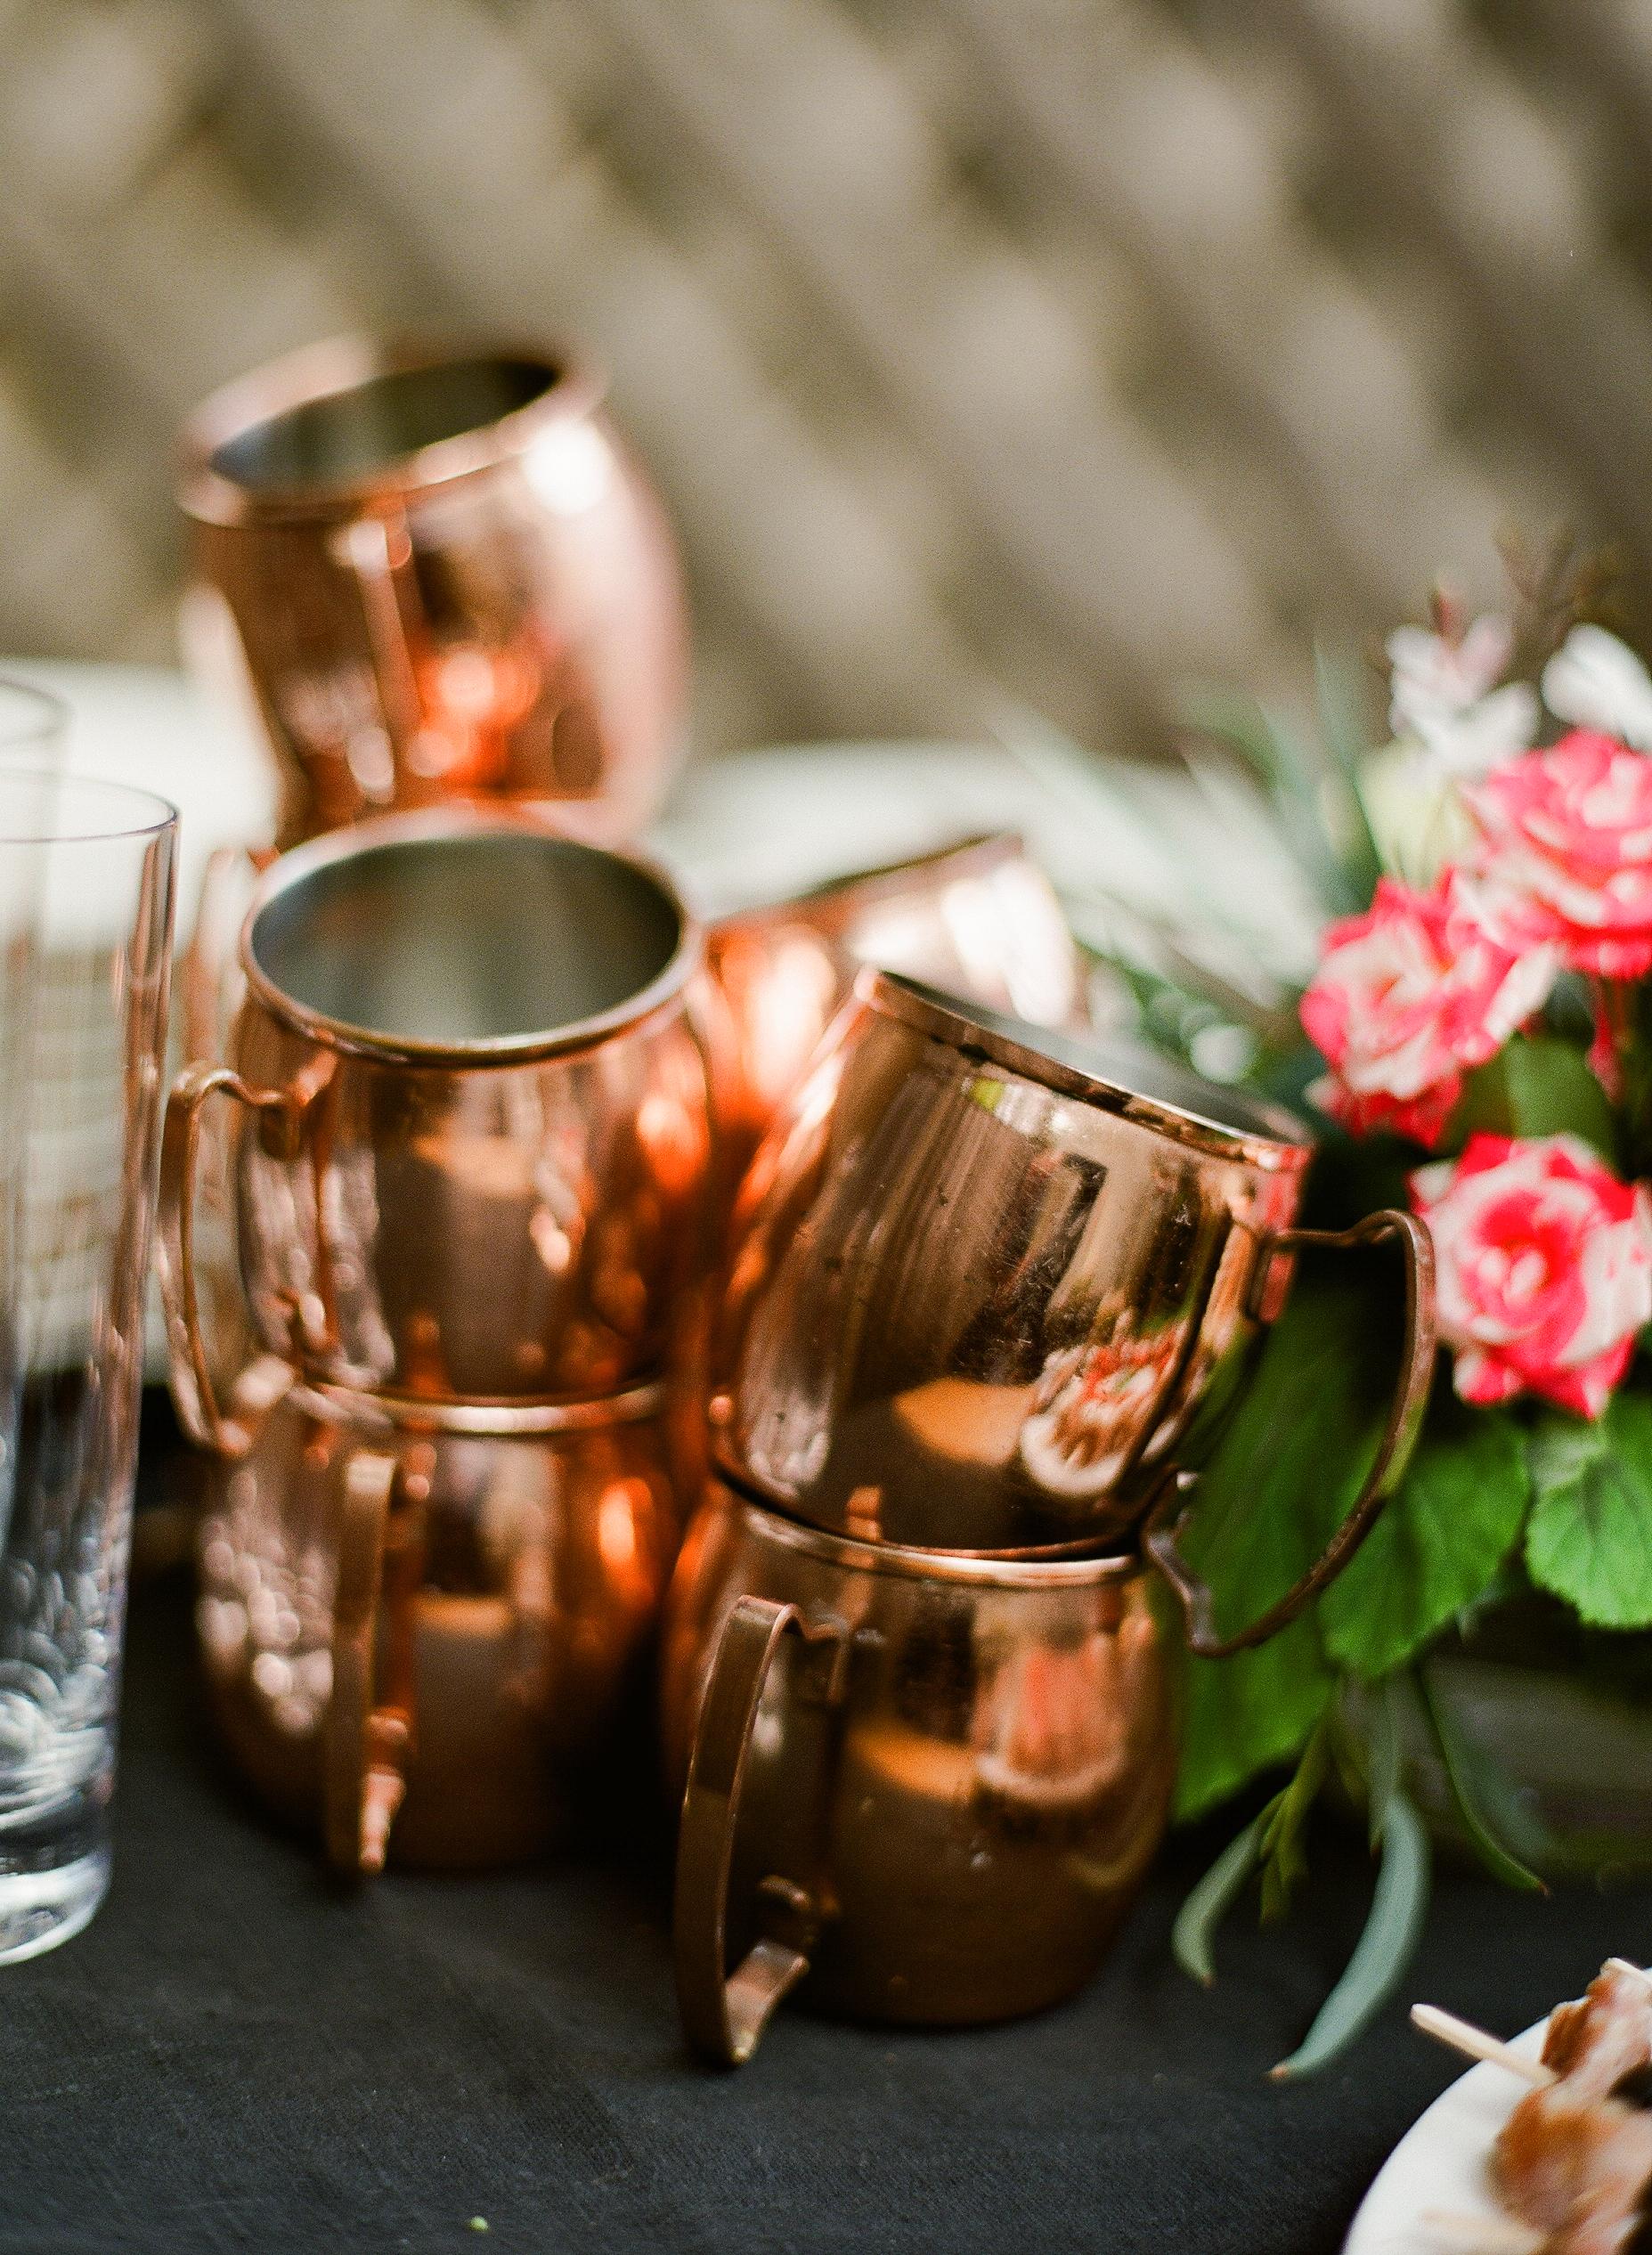 stacks of copper mule mugs